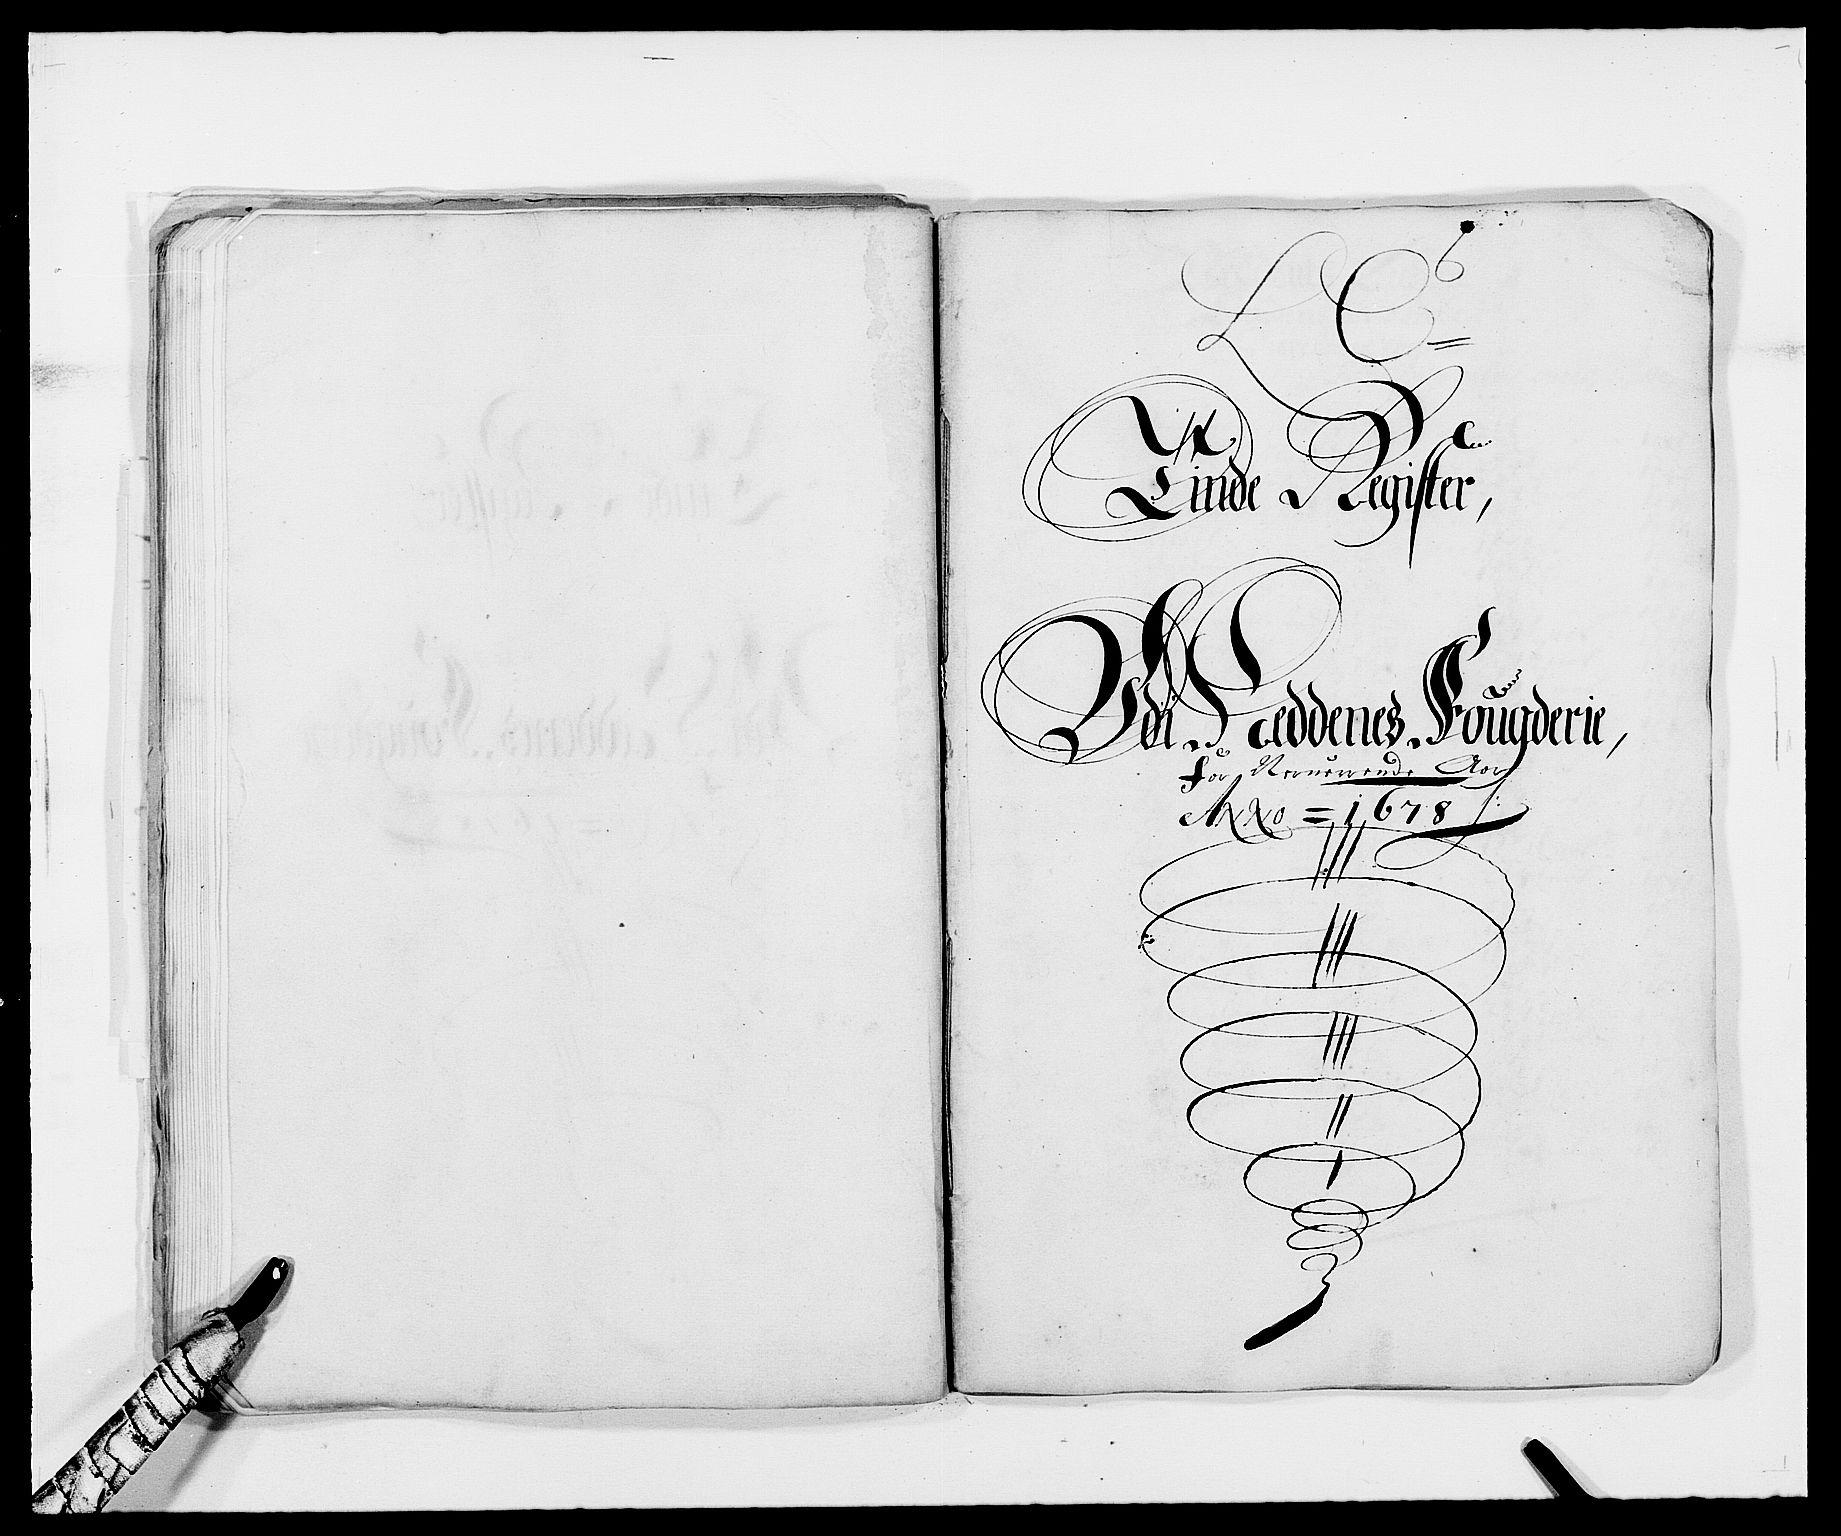 RA, Rentekammeret inntil 1814, Reviderte regnskaper, Fogderegnskap, R39/L2302: Fogderegnskap Nedenes, 1677-1678, s. 232